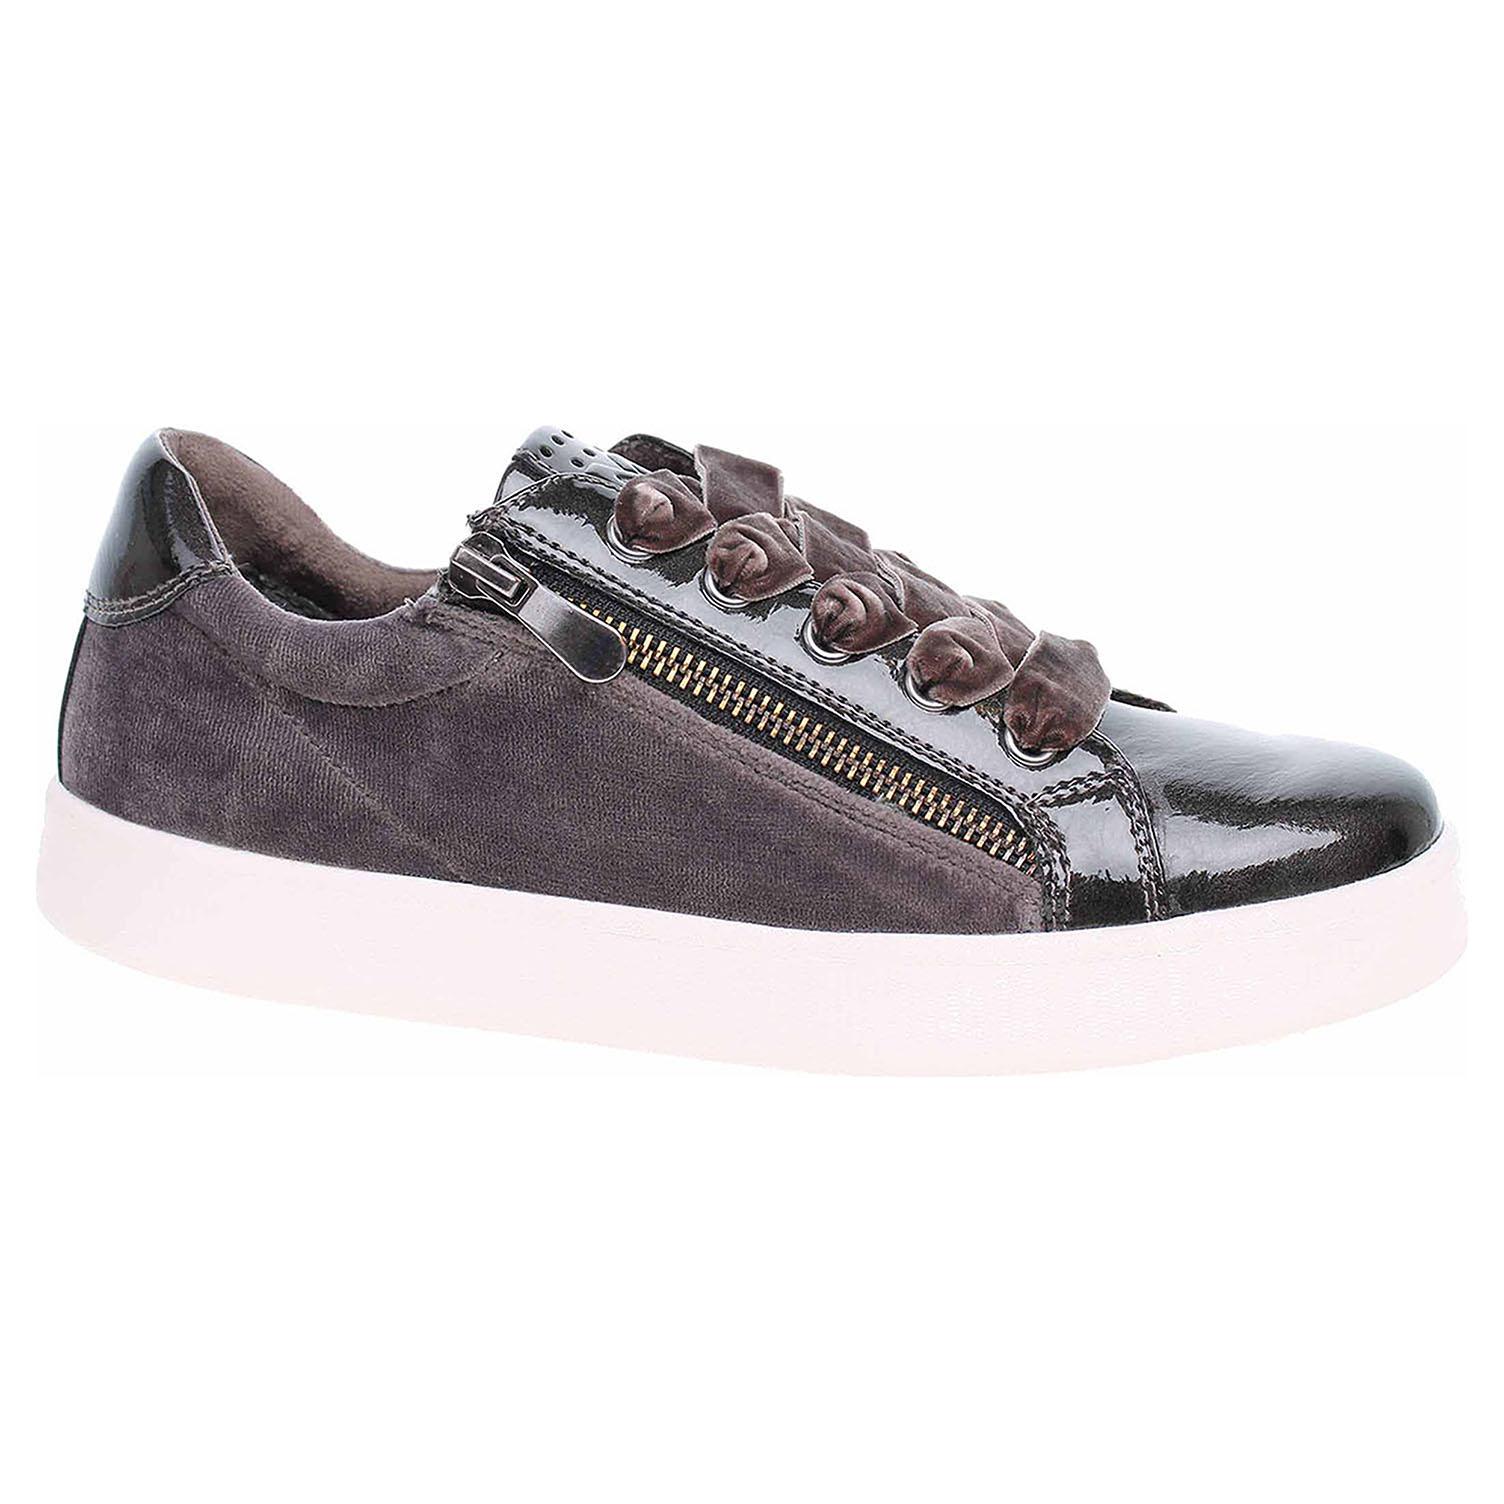 Dámská vycházková obuv Marco Tozzi 2-23774-31 dk.grey comb 2-2-23774-31 225 38